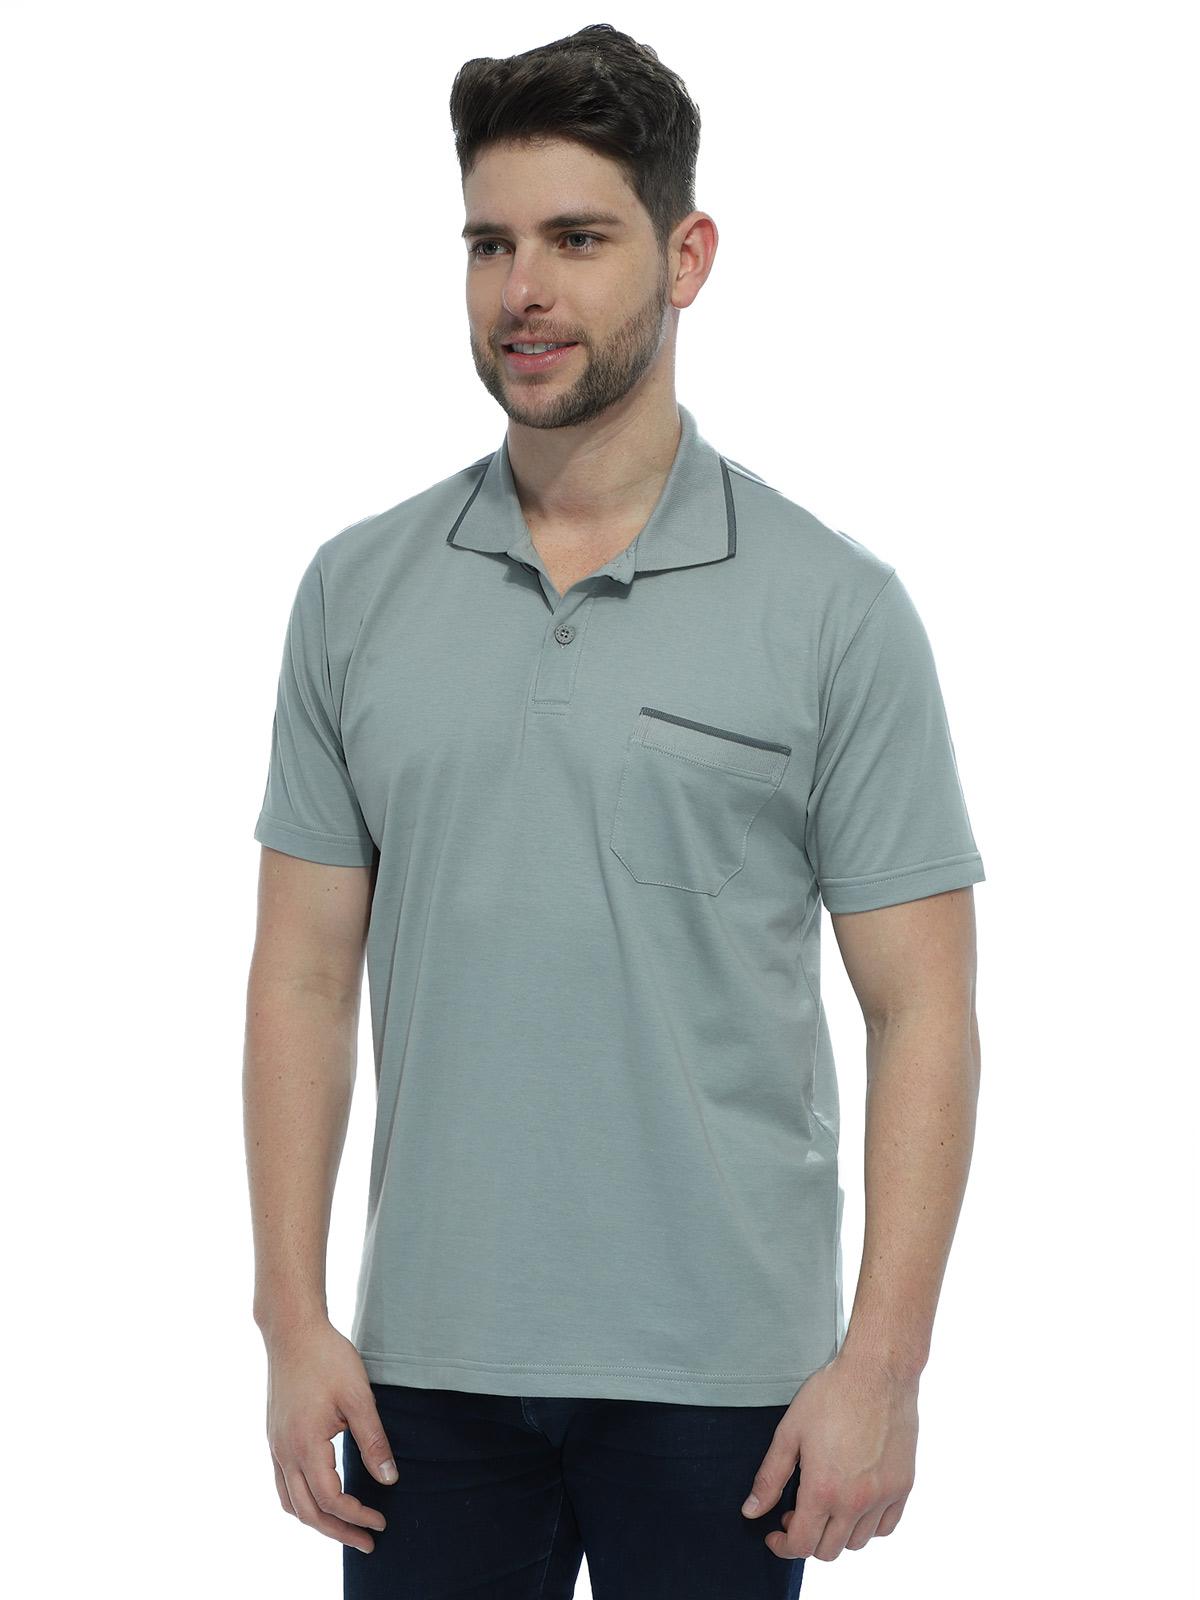 Camisa Polo Masculina com Bolso Retilínea Algodão Cinza